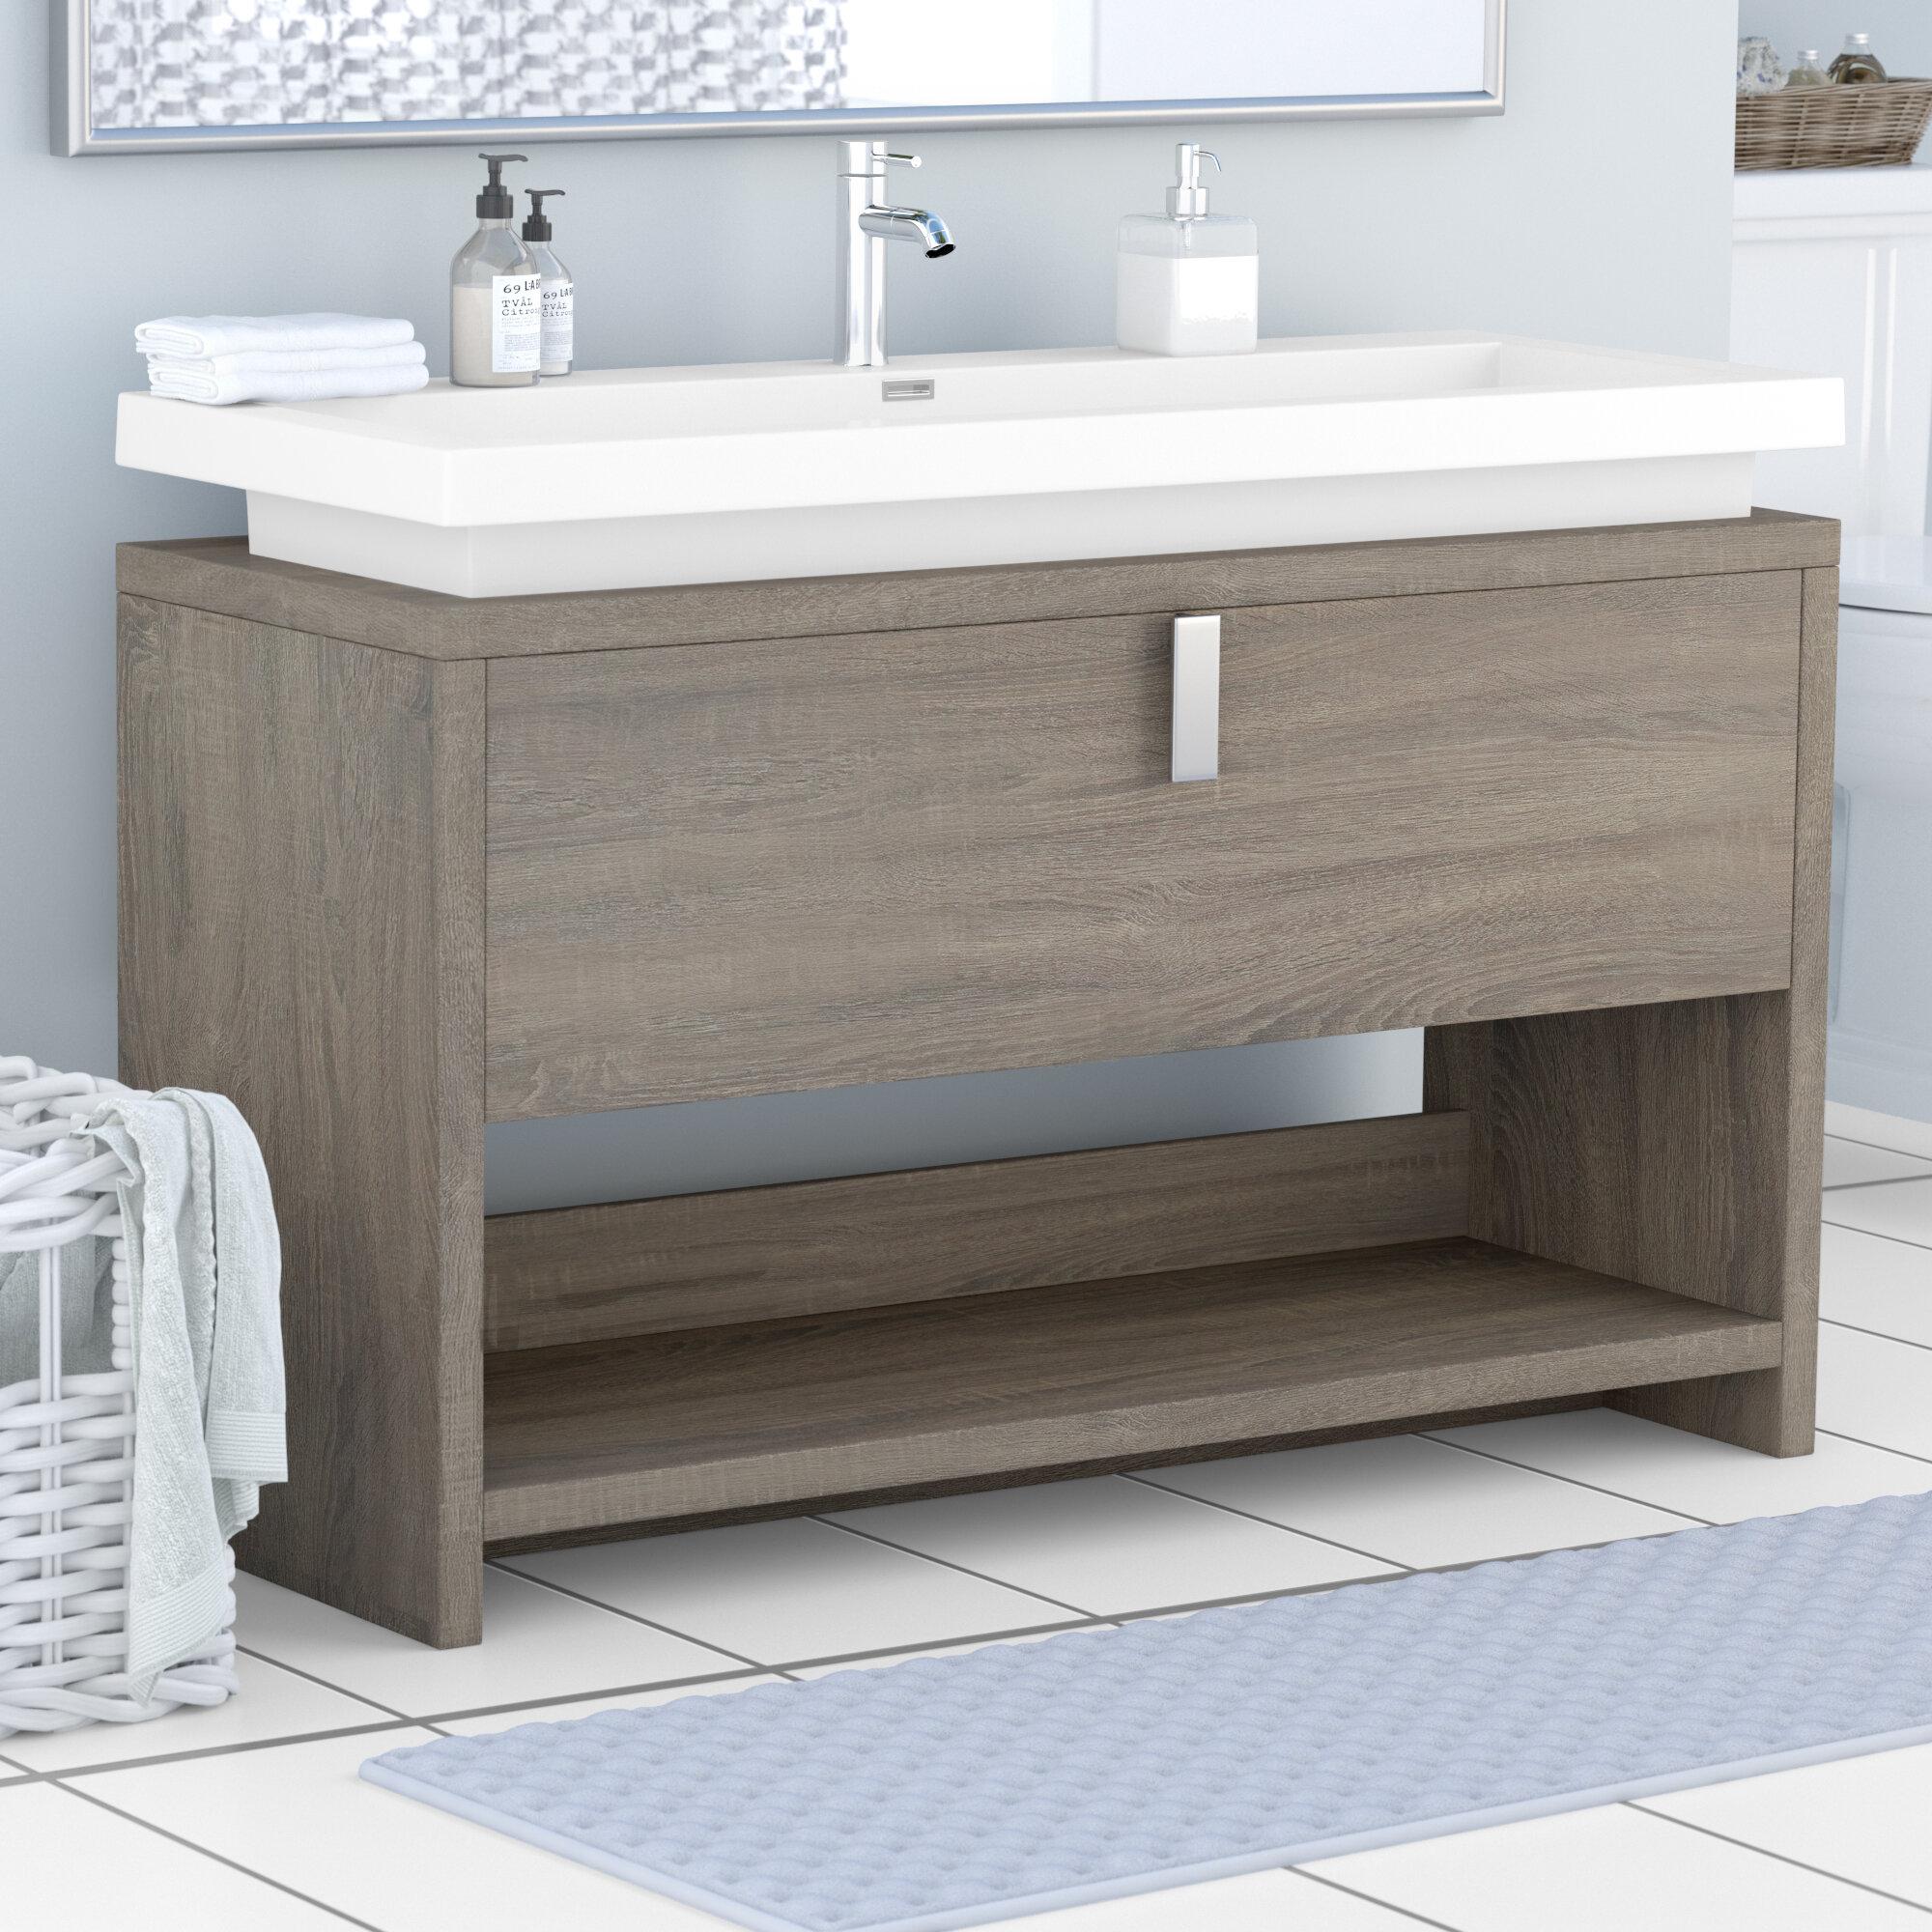 orren ellis haycraft 47 single bathroom vanity set reviews wayfair rh wayfair com 47 inch bathroom vanity without top 47 single bathroom vanity